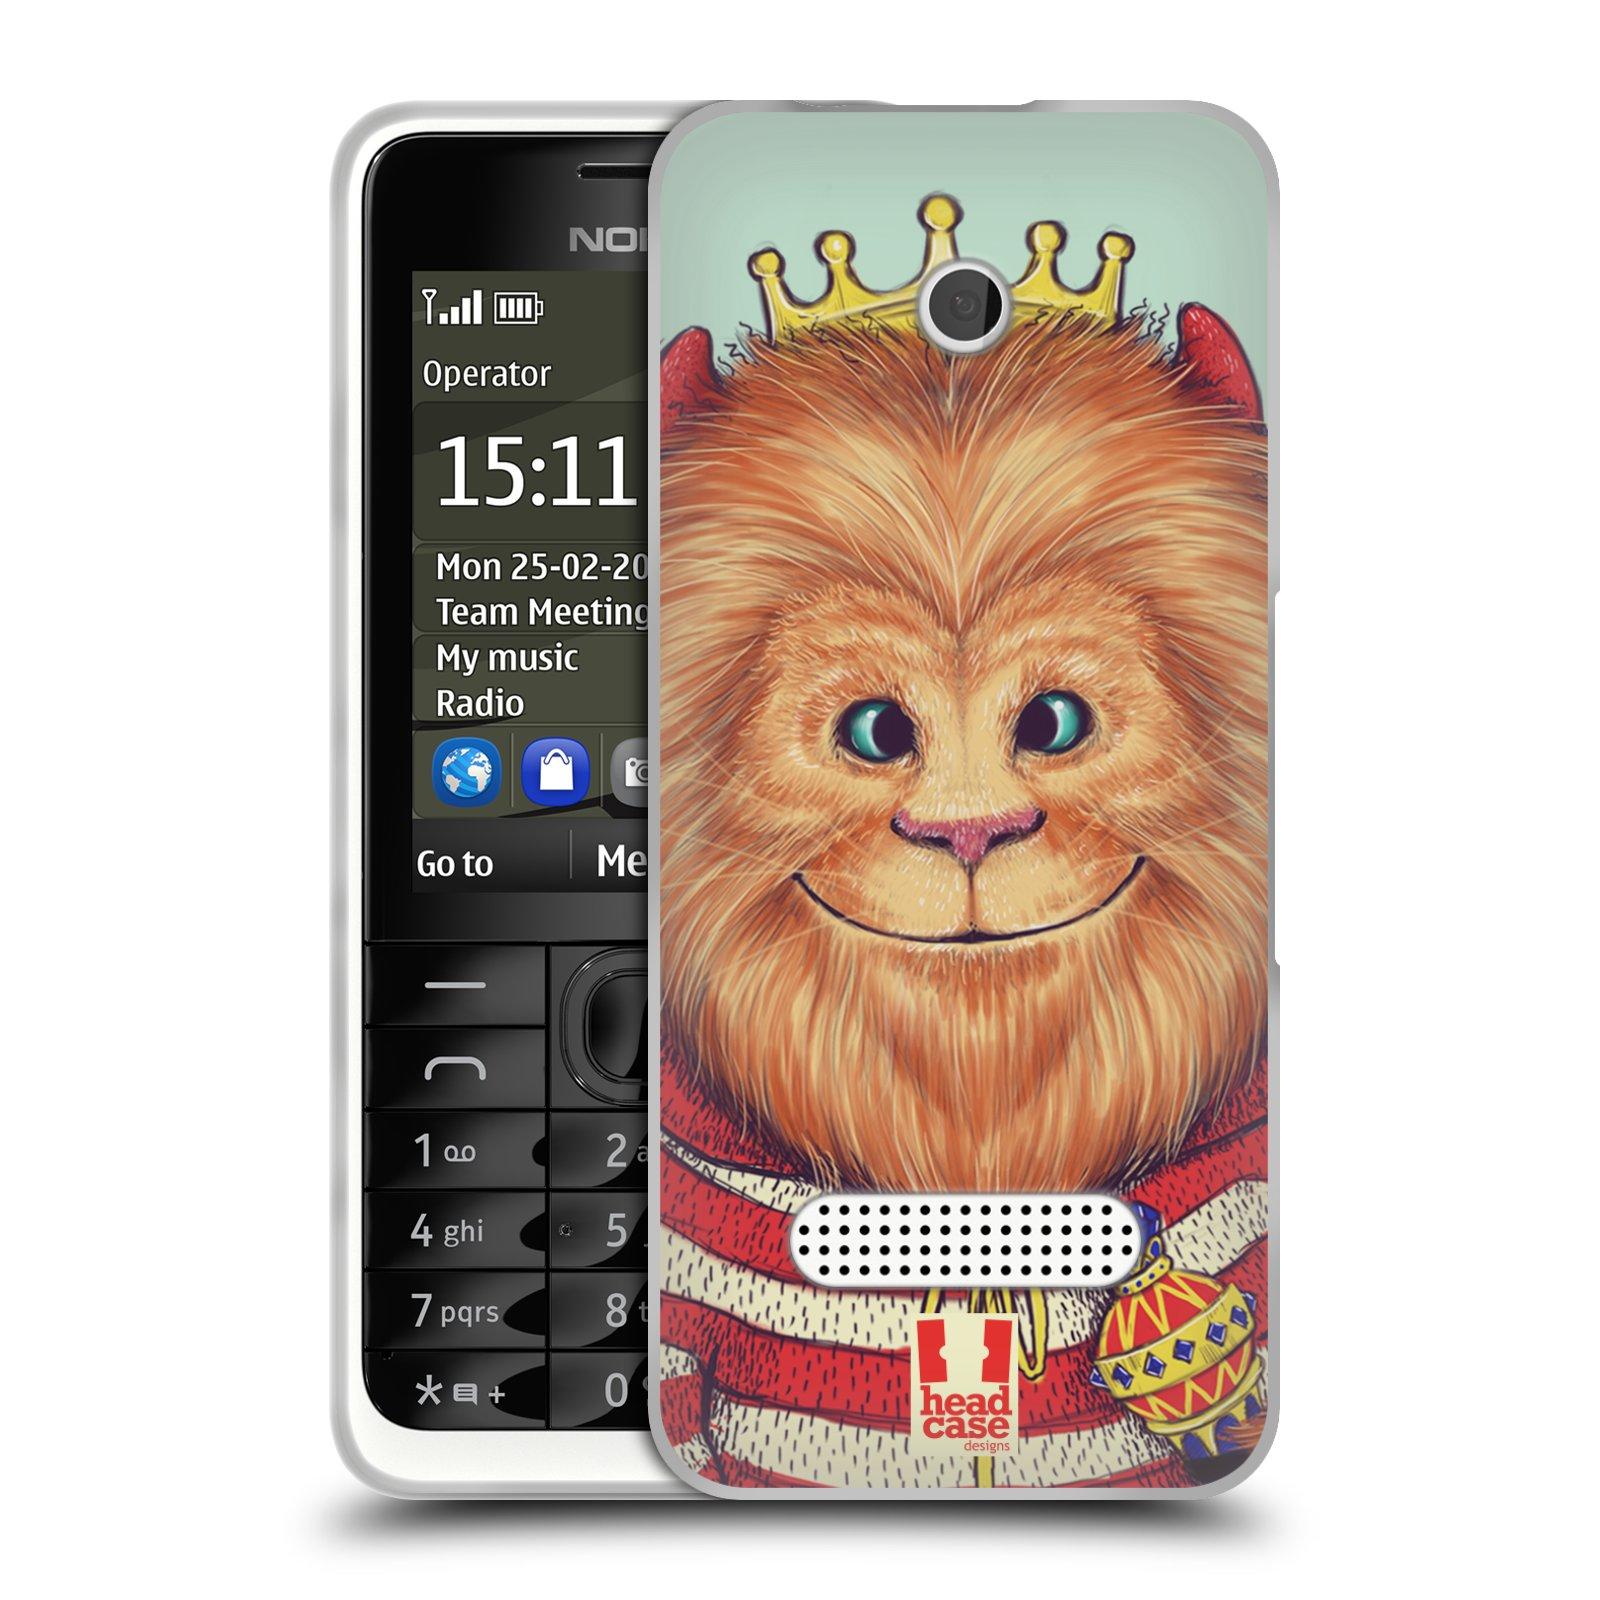 HEAD CASE silikonový obal na mobil NOKIA 301 vzor Kreslená zvířátka lev